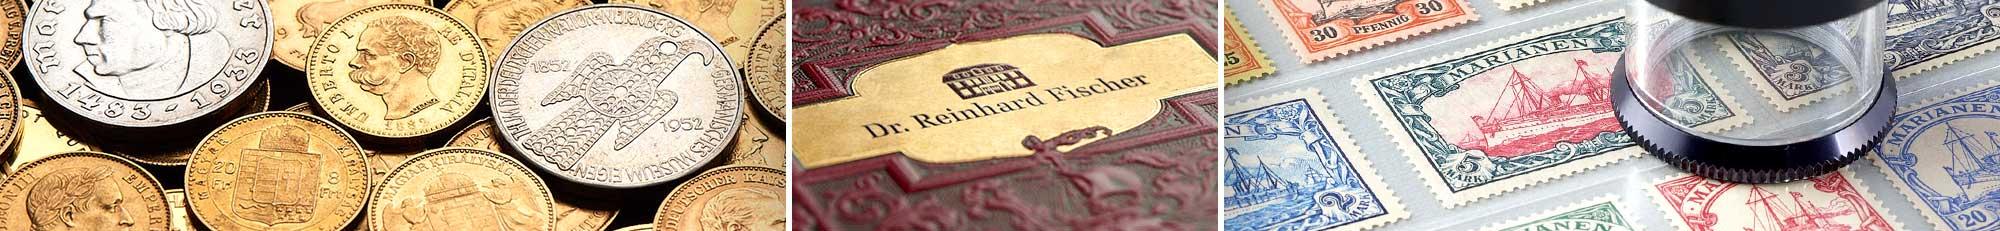 Online Katalog Dr Reinhard Fischer Auktionshaus Für Briefmarken